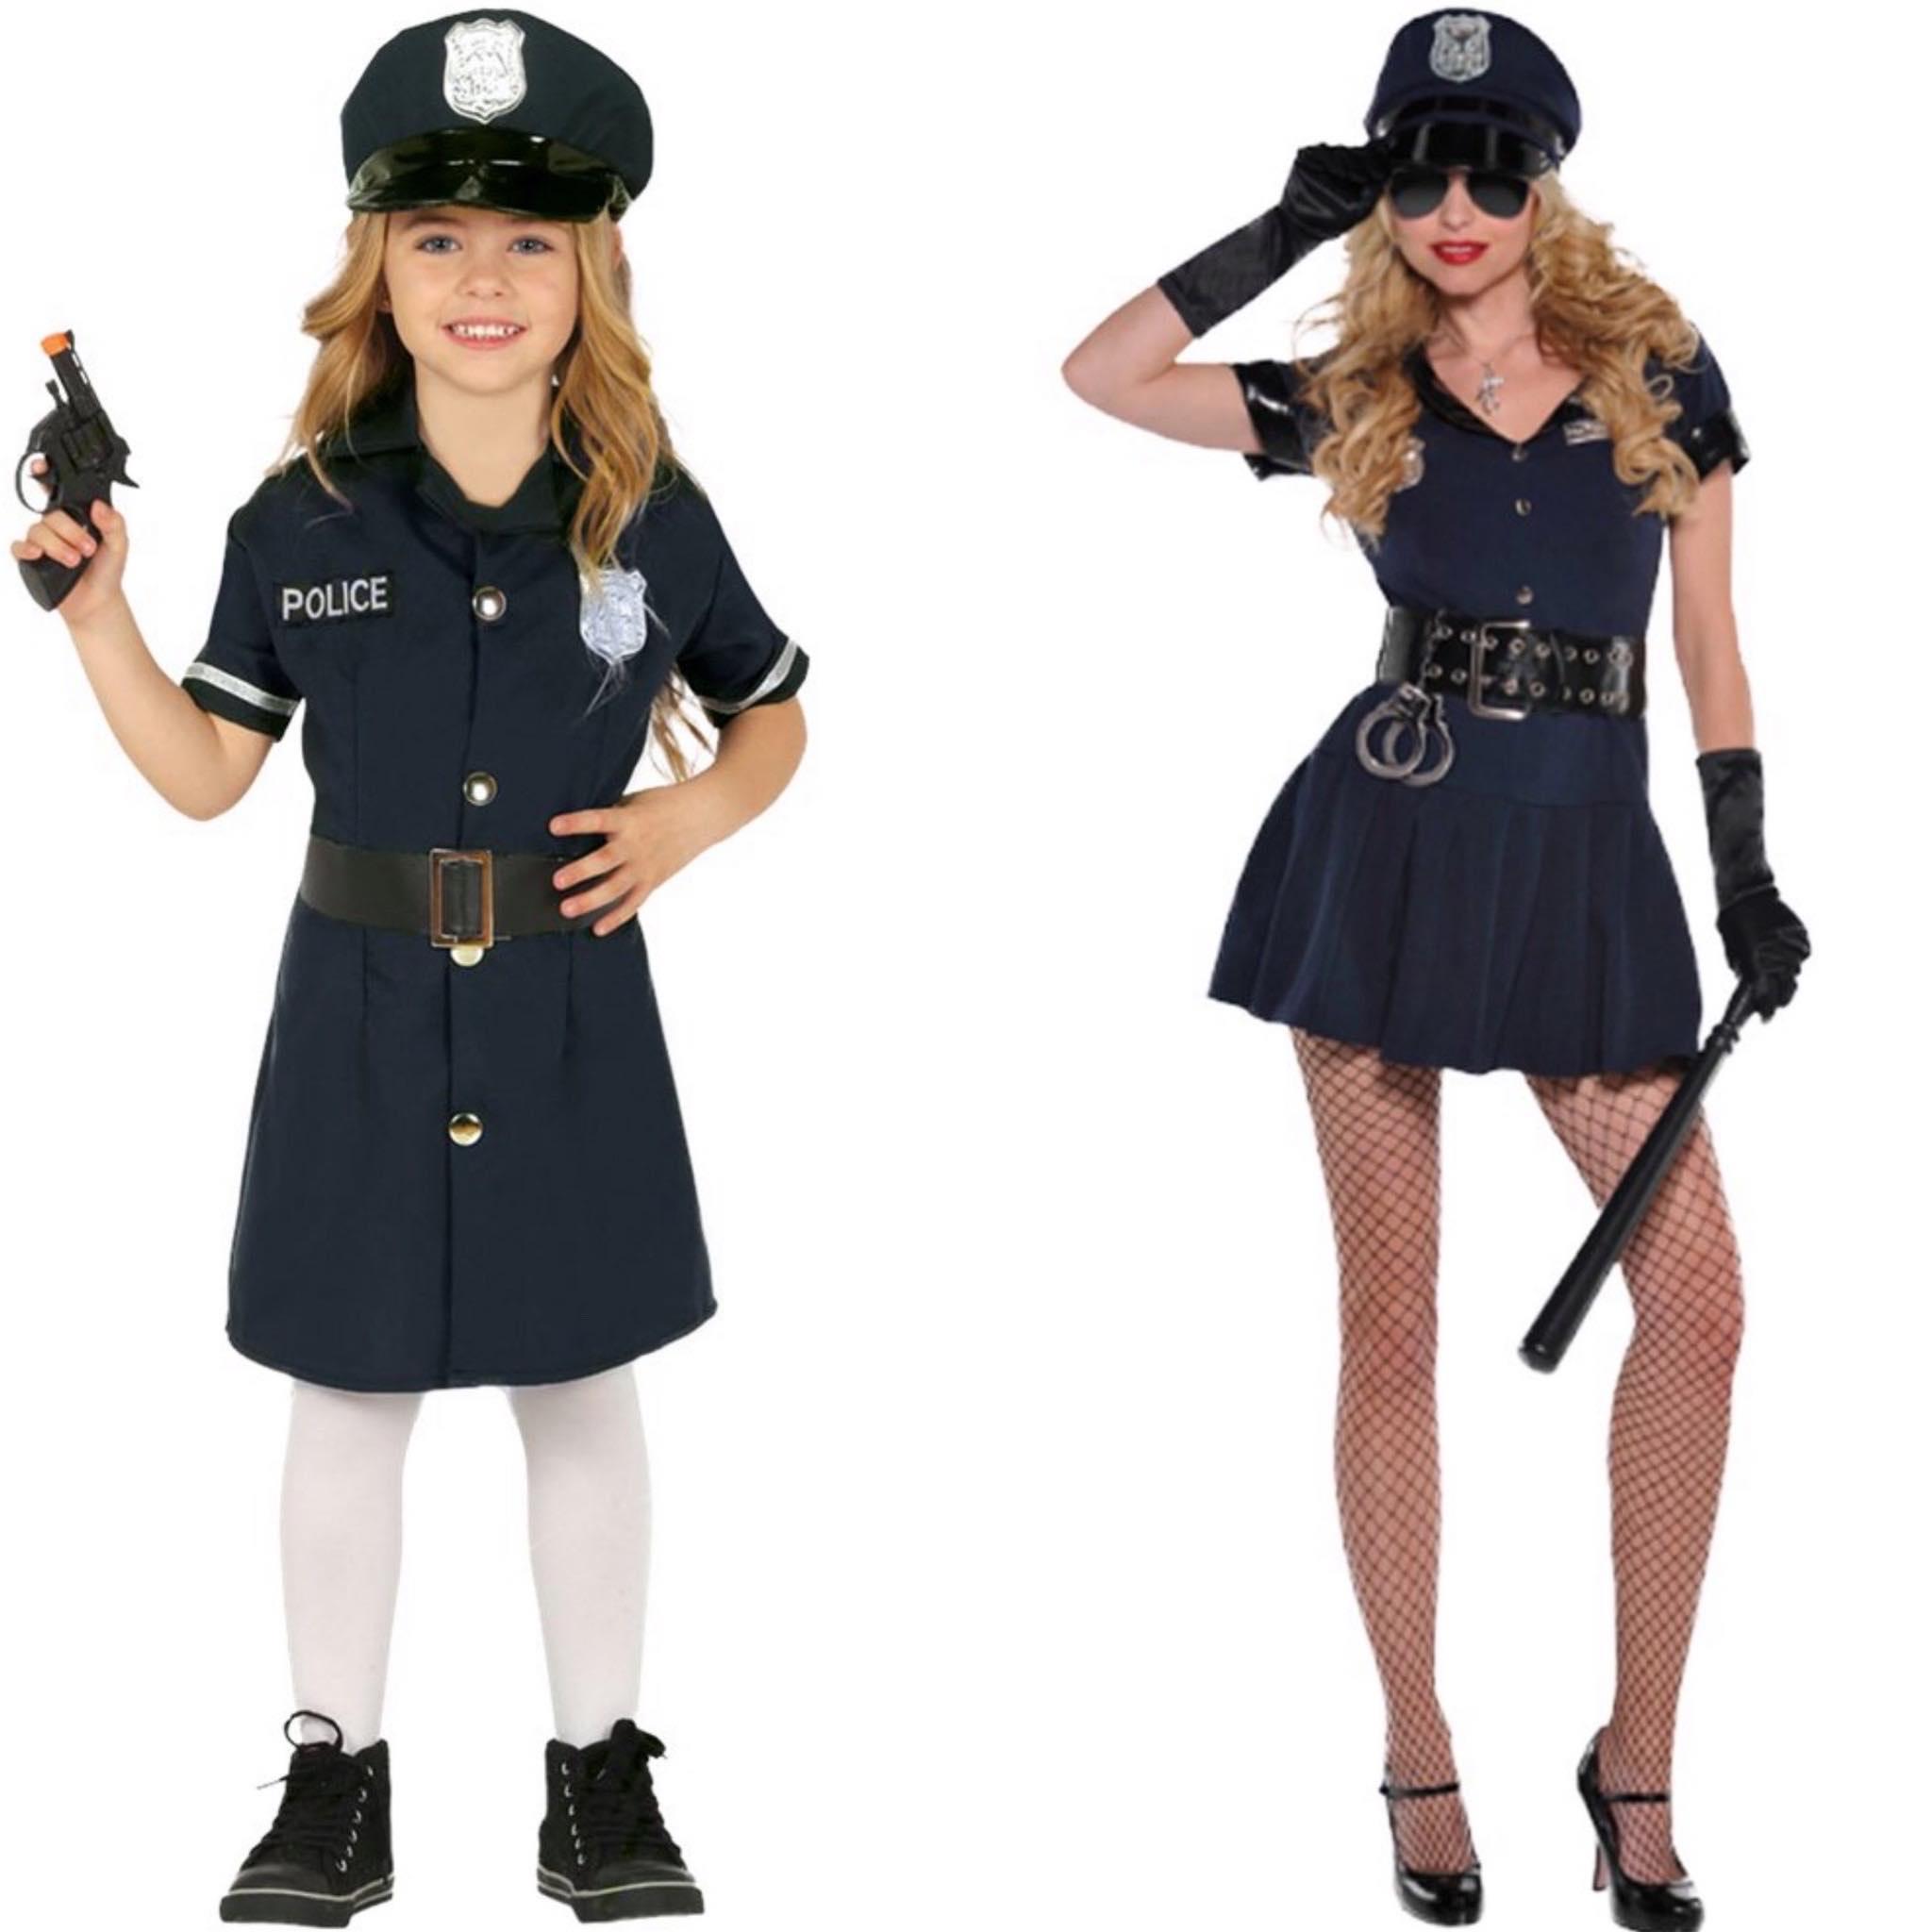 Politie kostuum moeder en dochter